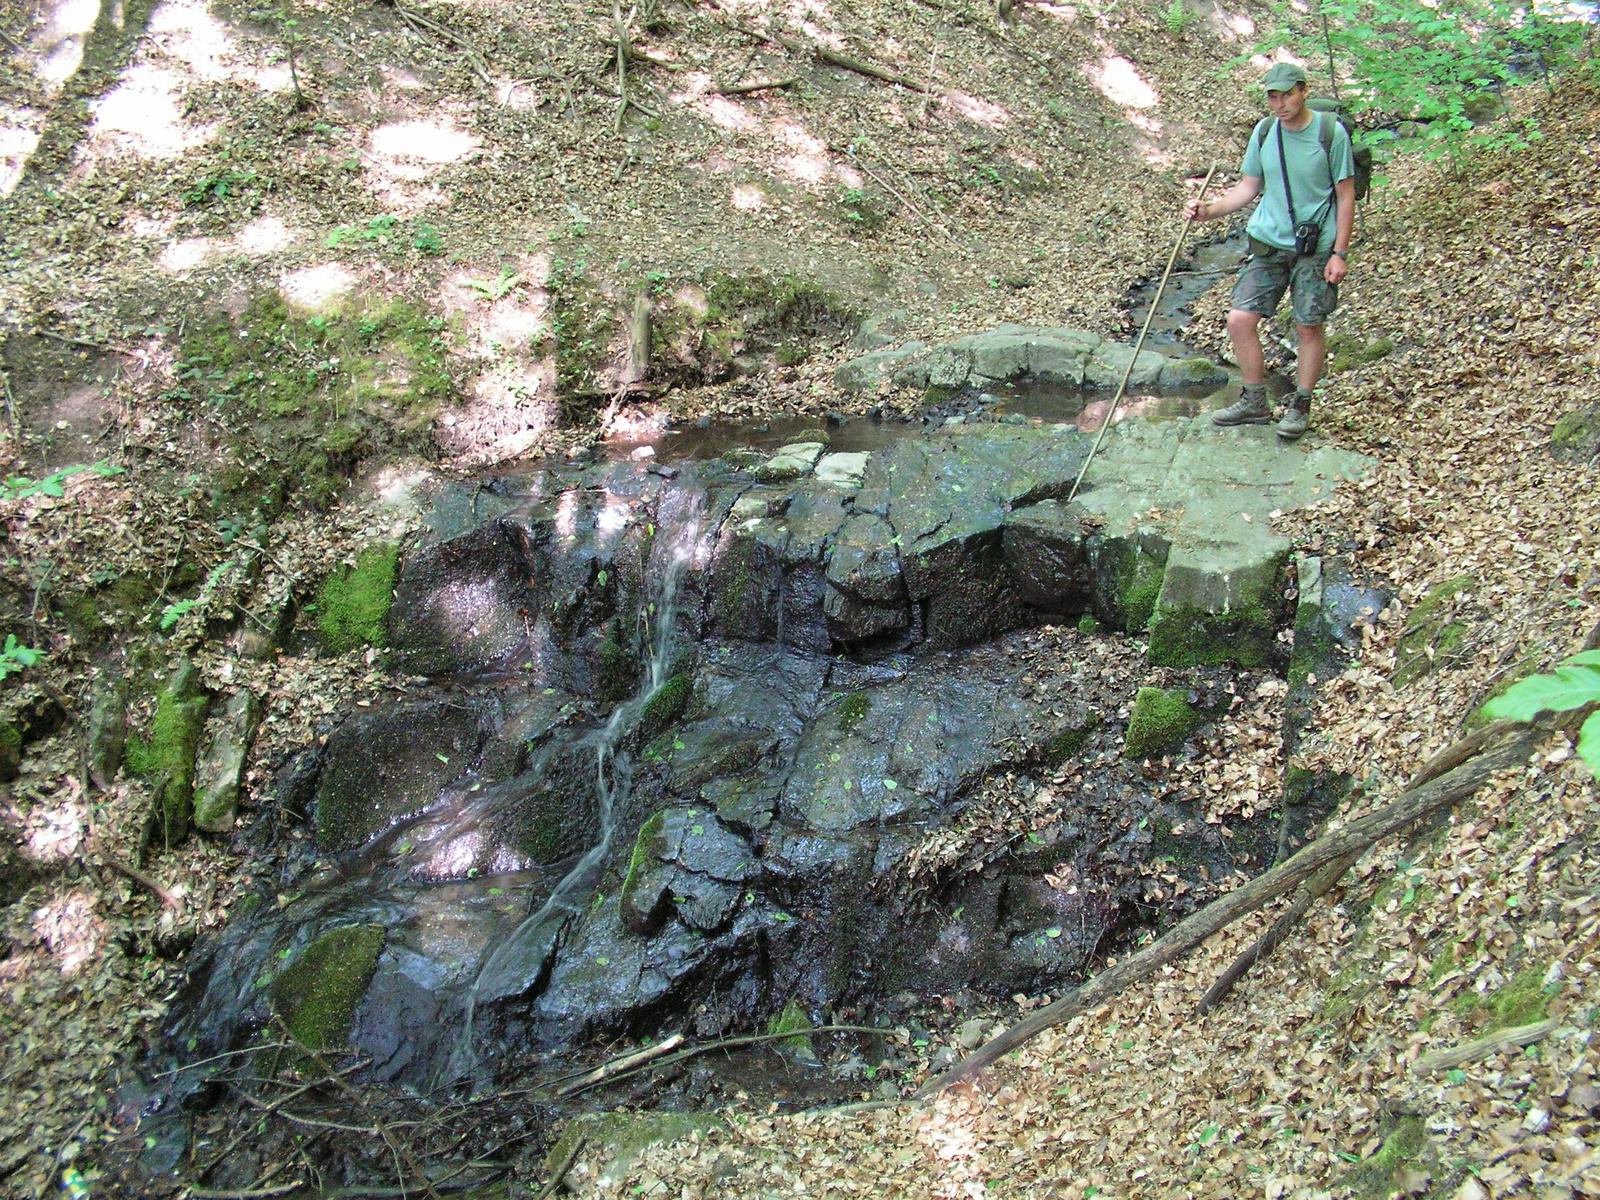 302 Vágáshuta felé a Hosszú-patak köves medrében